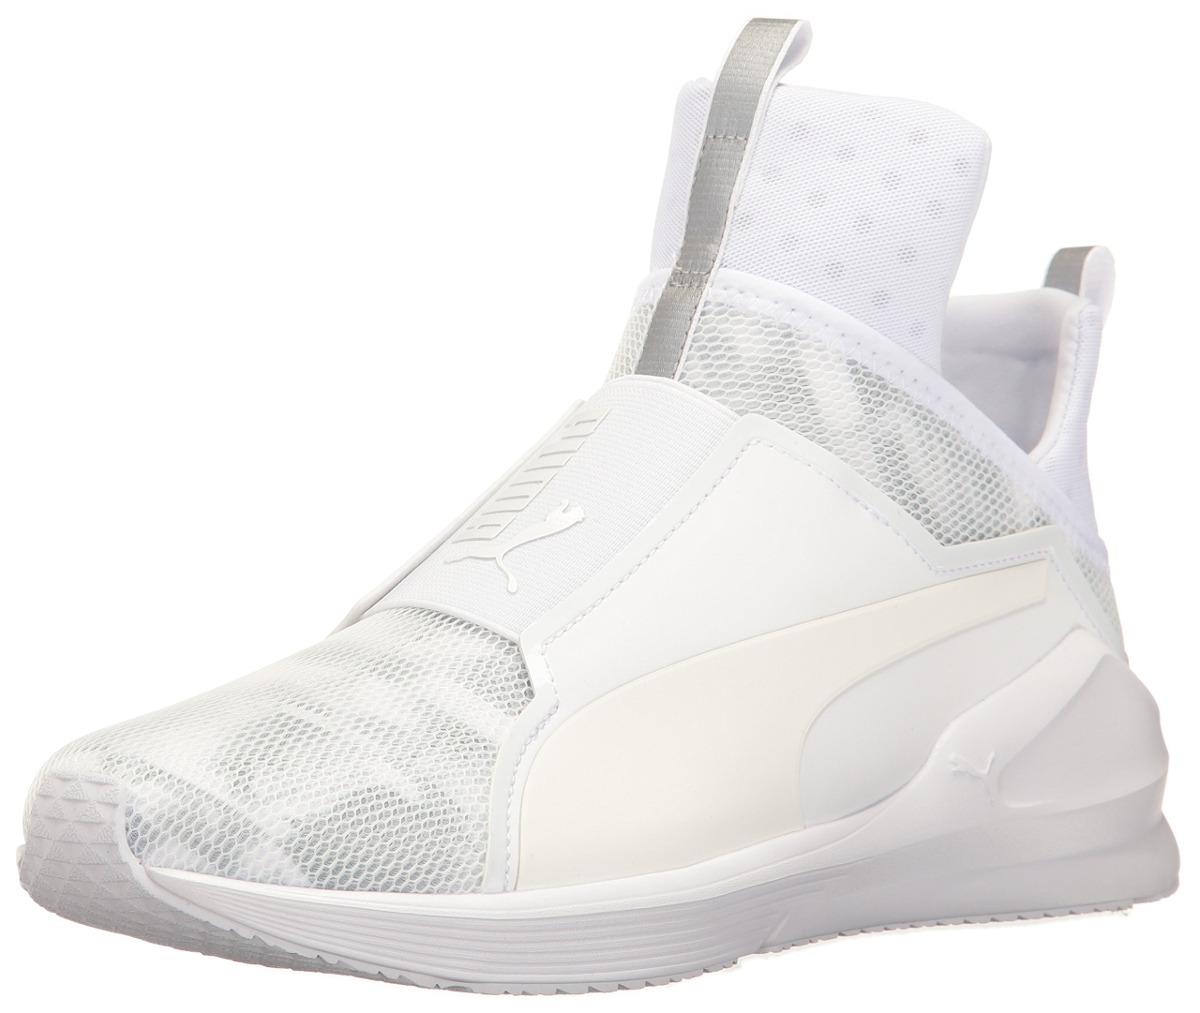 puma mujer zapatos blancos